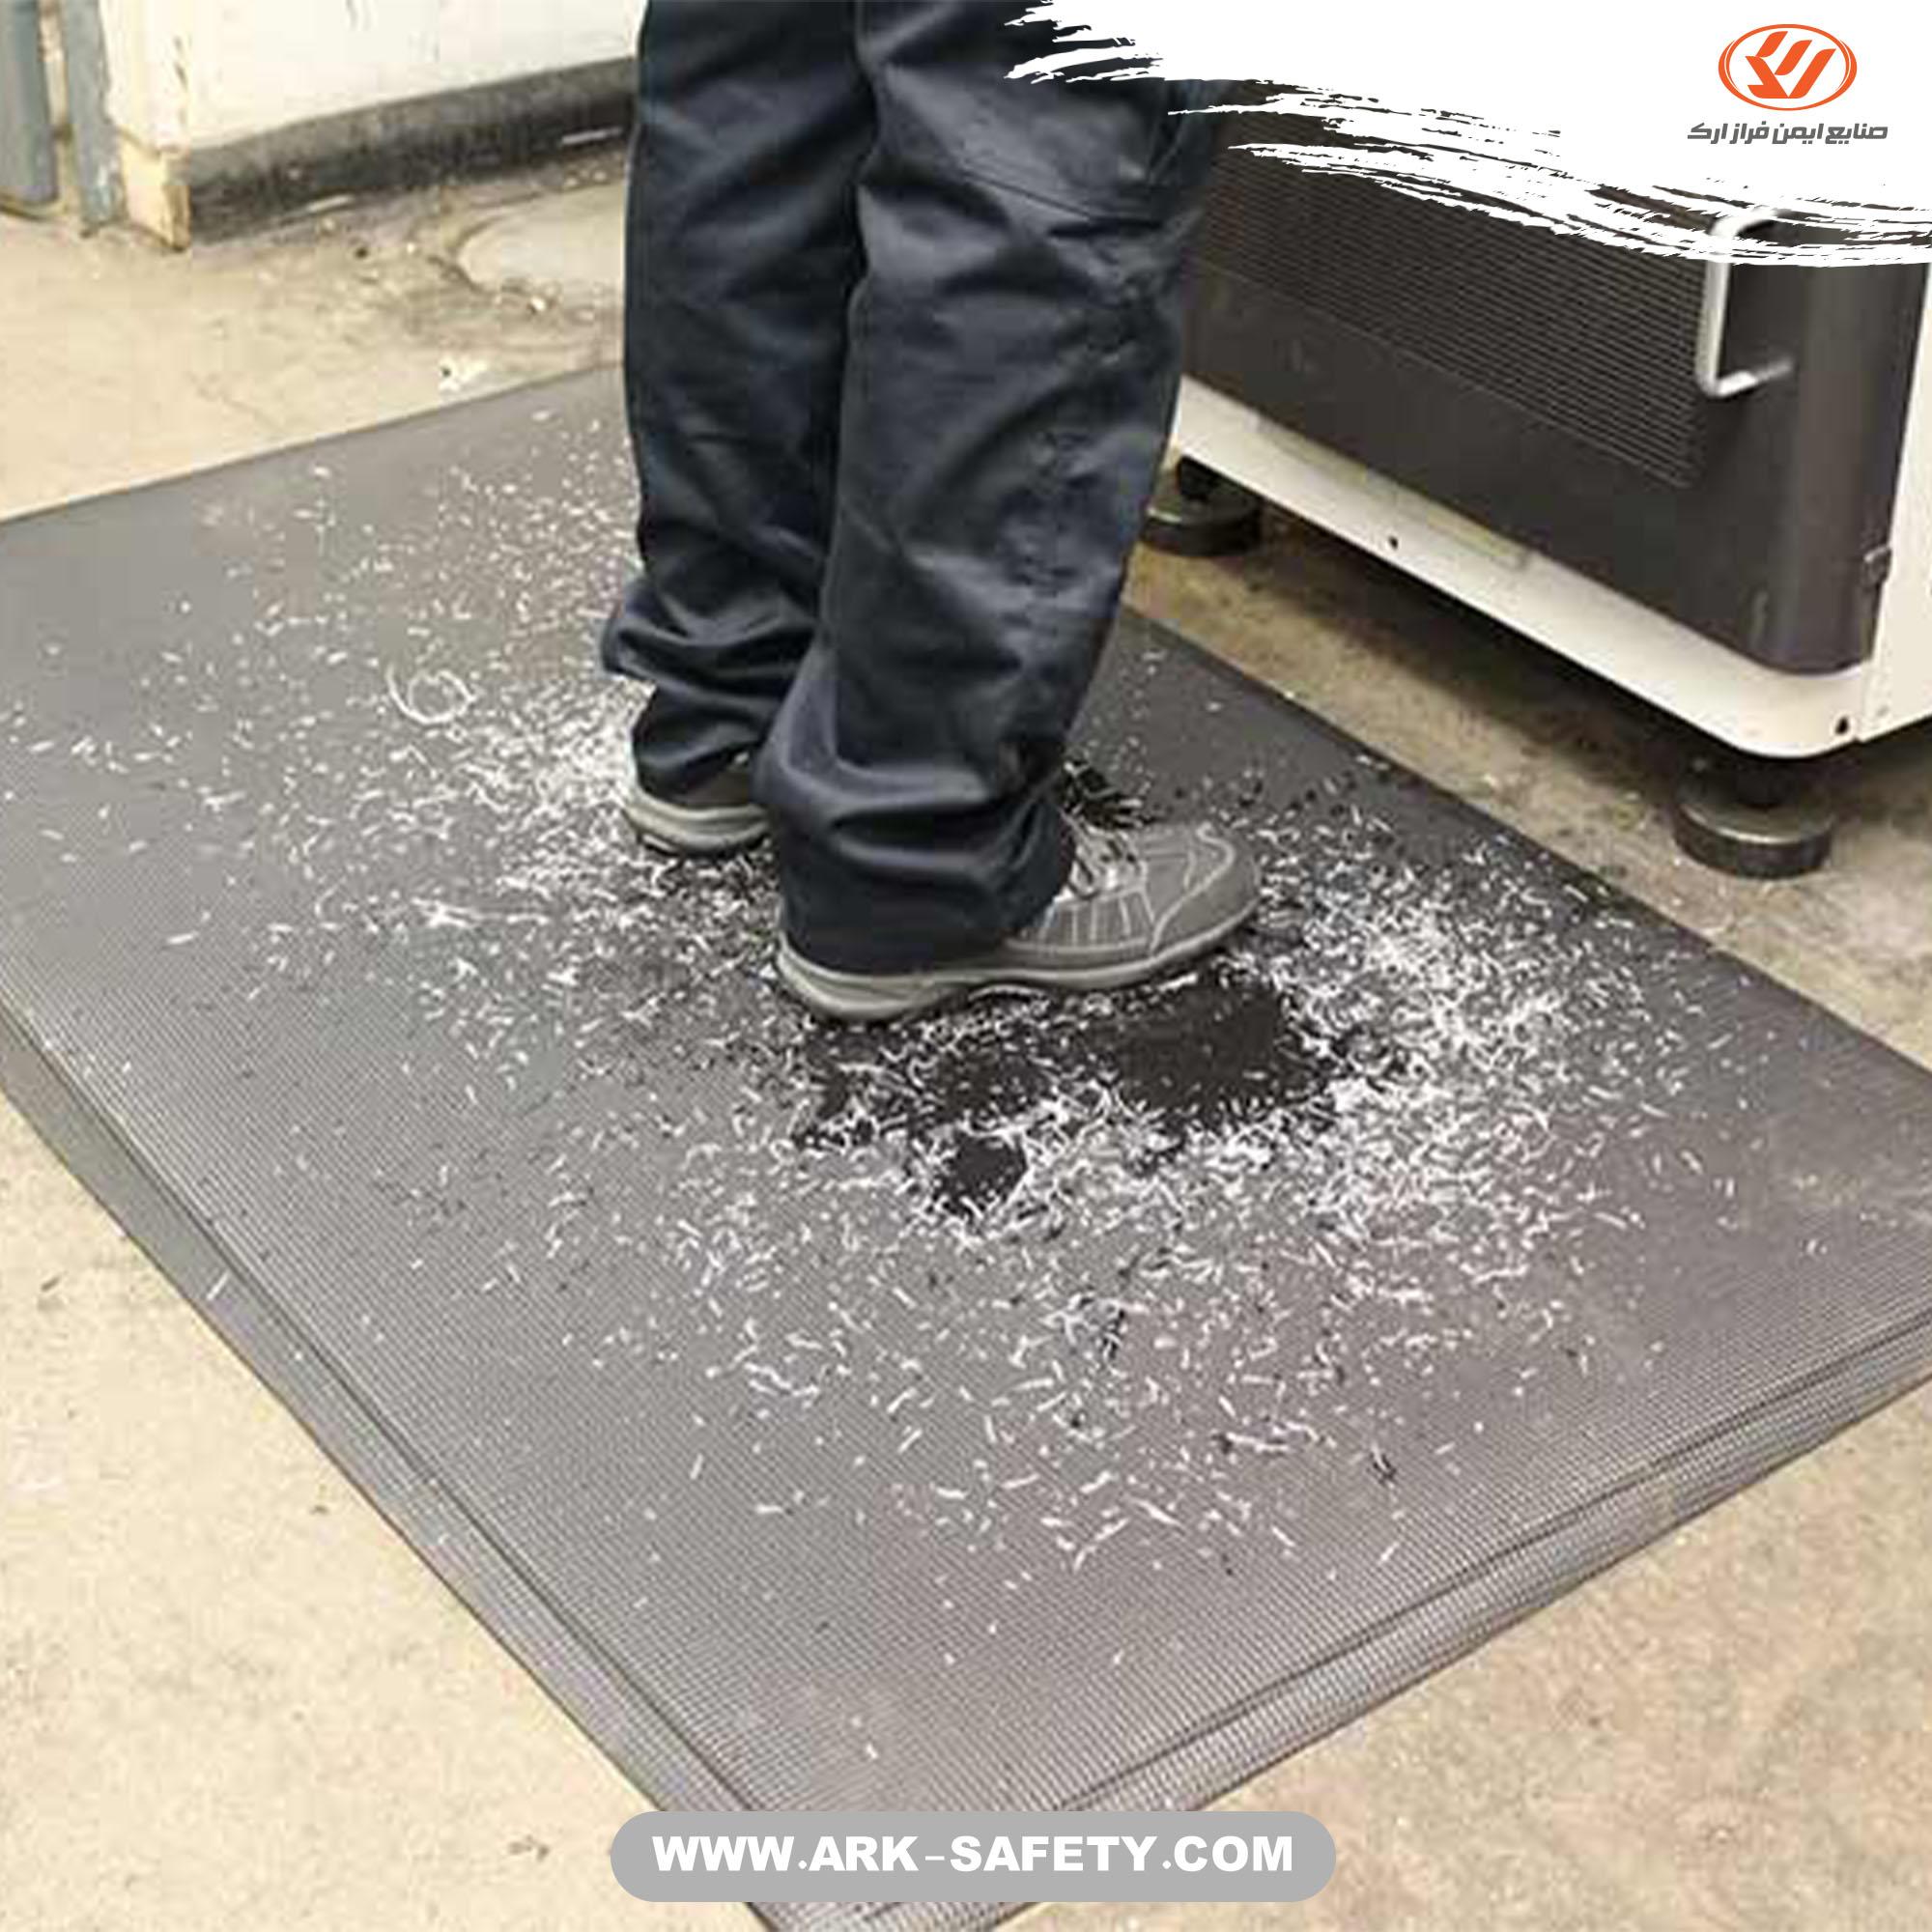 از جاری شدن مواد در محیط کار جلوگیری کنید